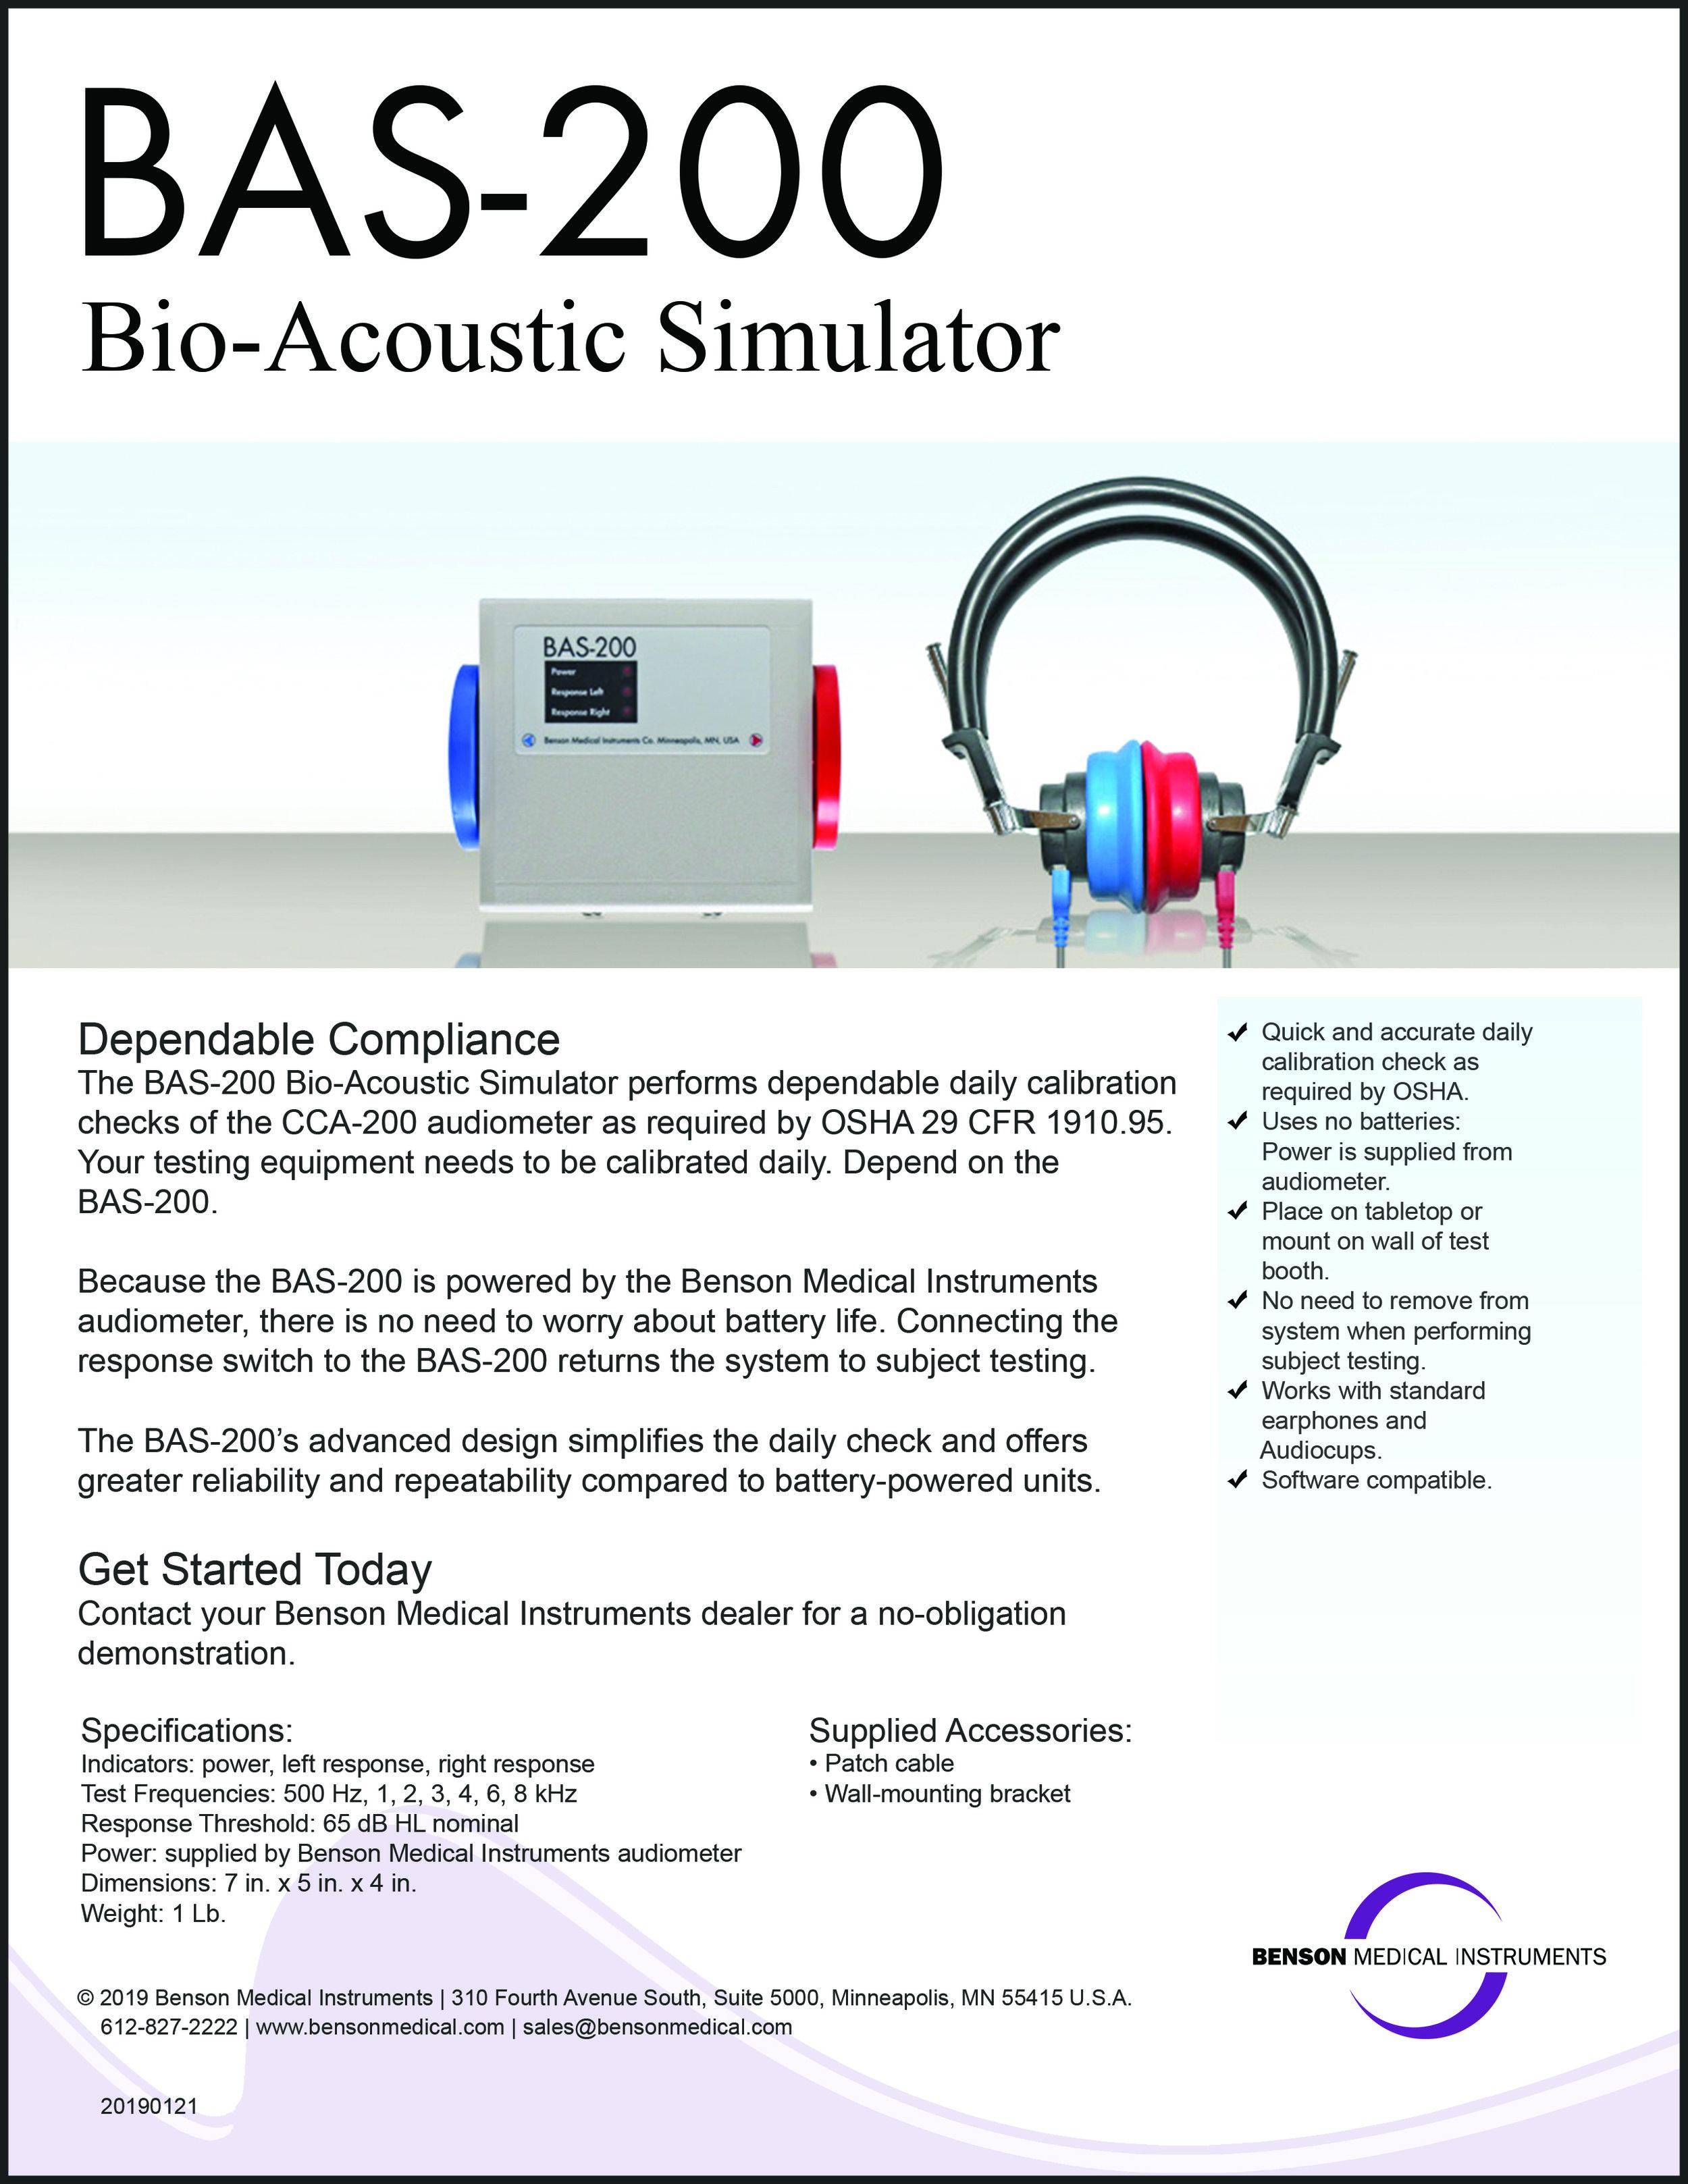 BAS-200 Brochure Image.jpg